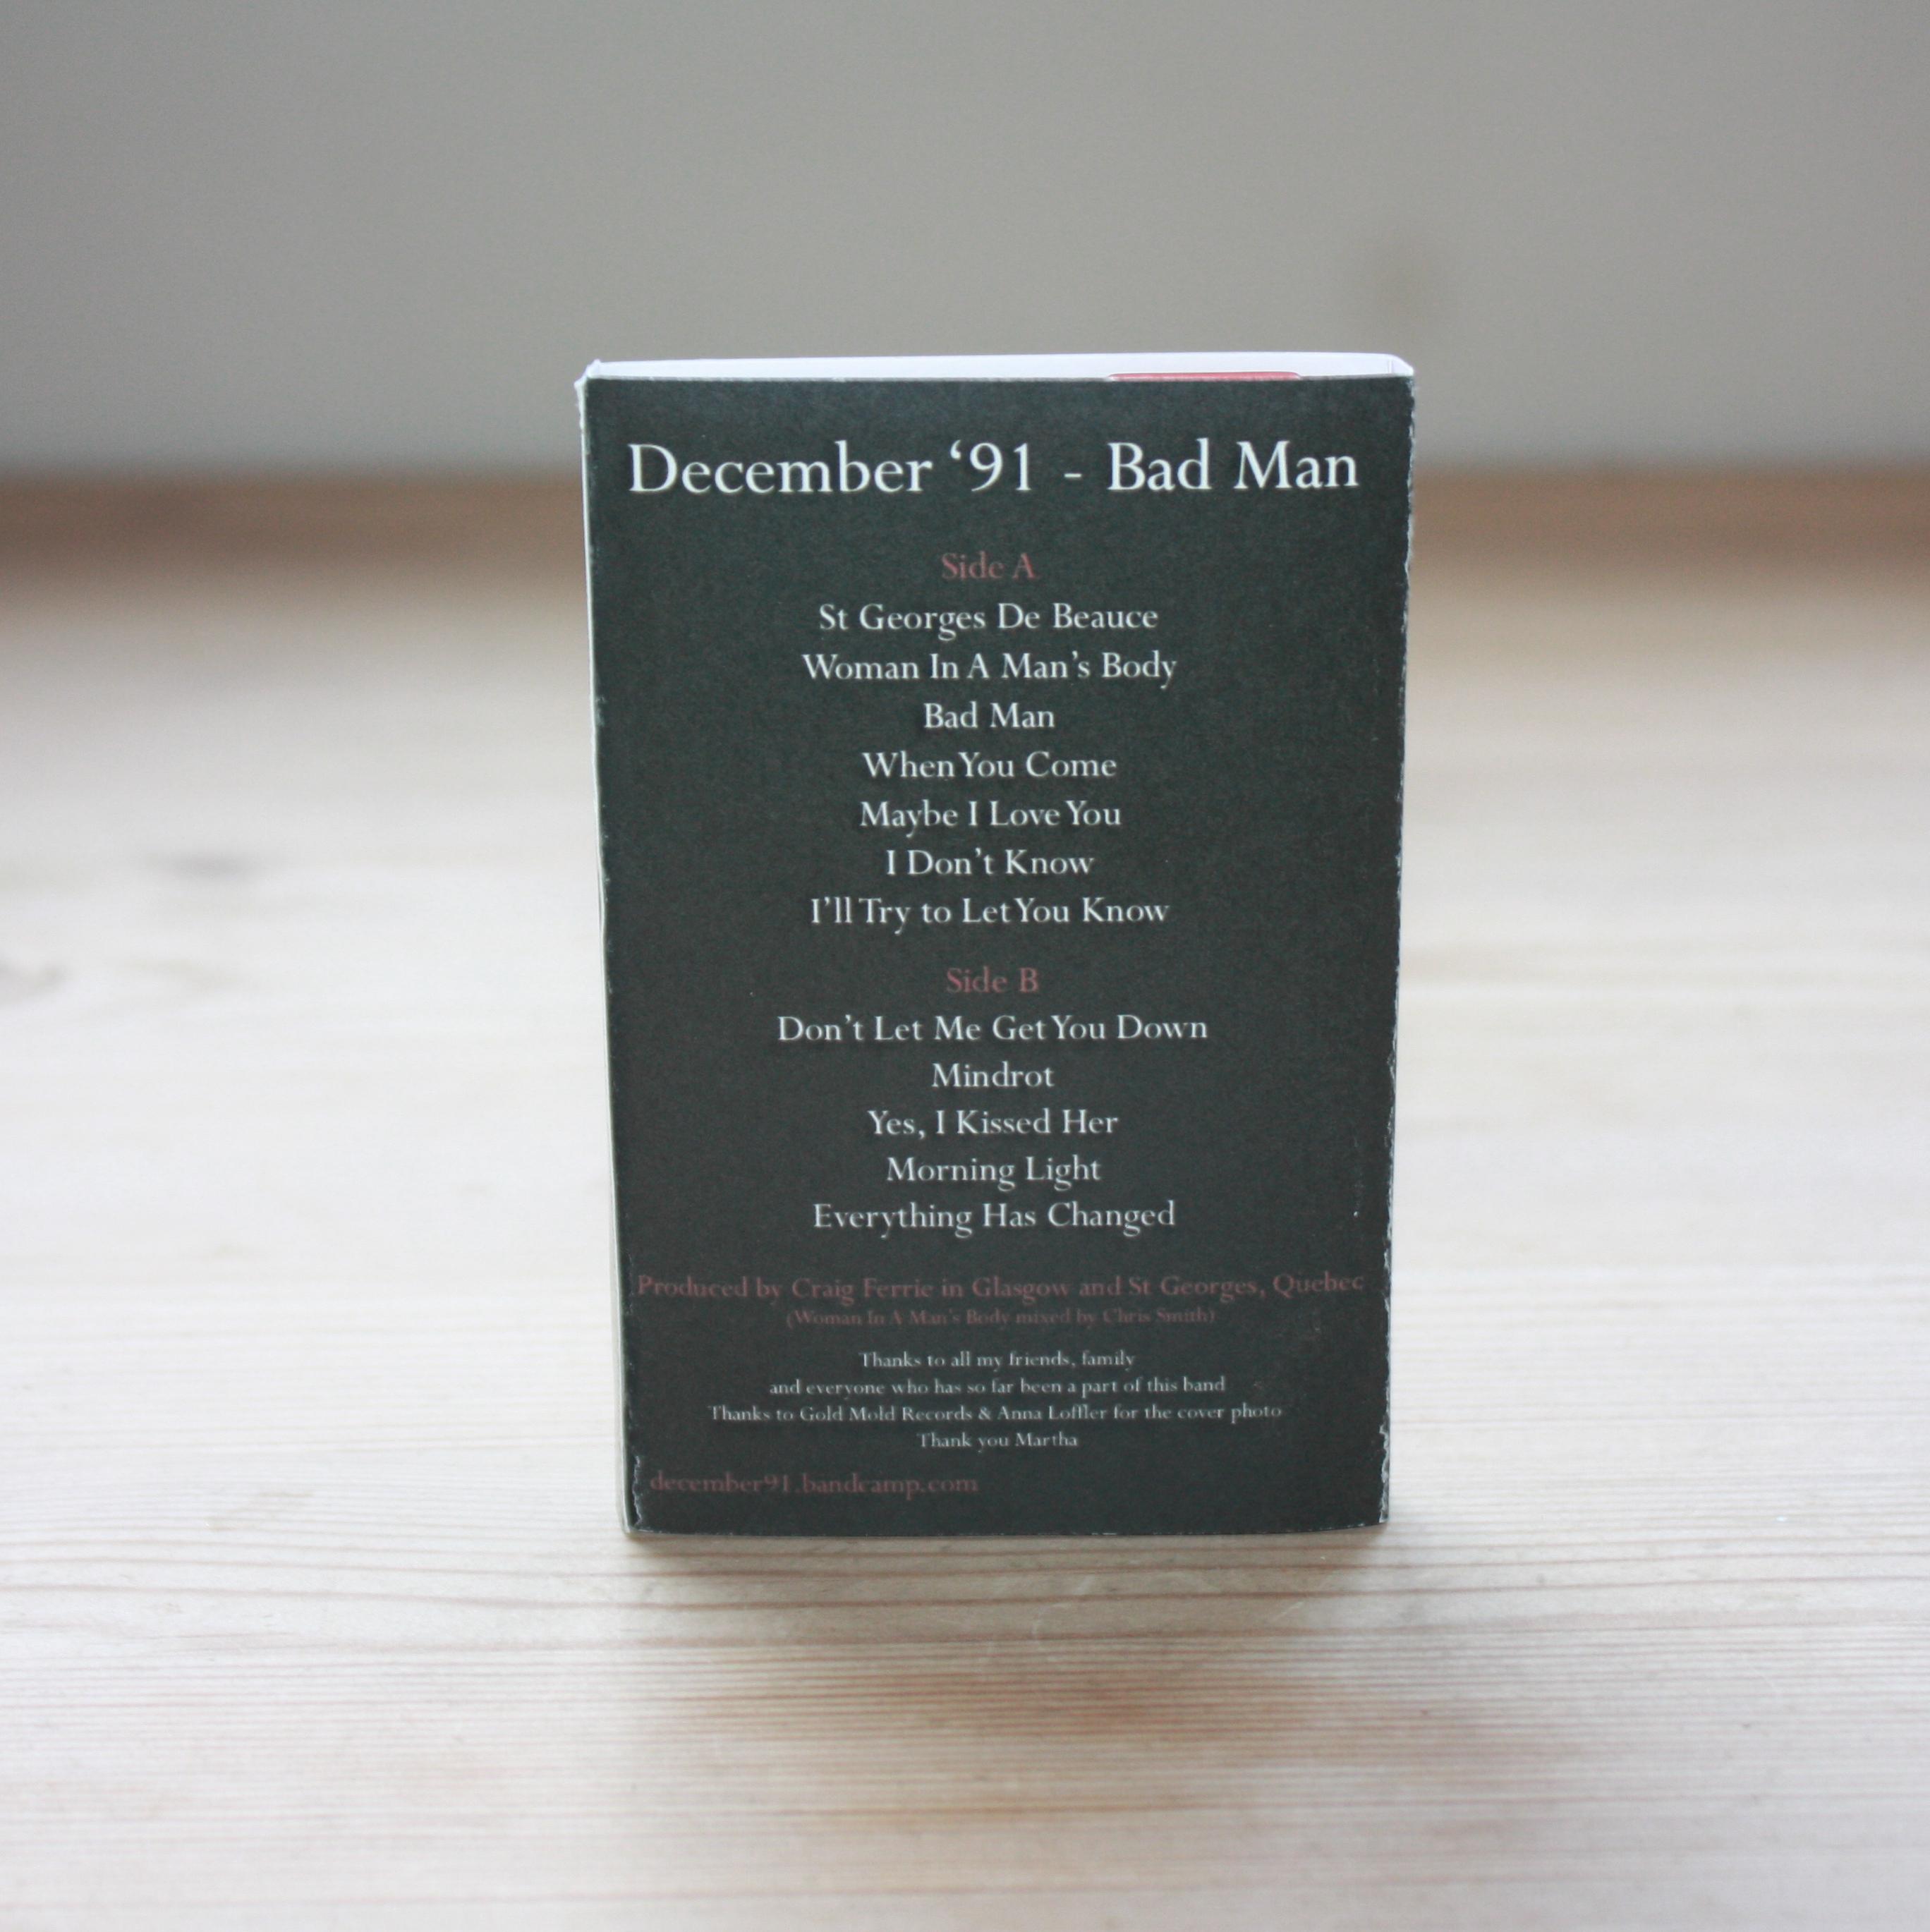 December '91 - Bad Man